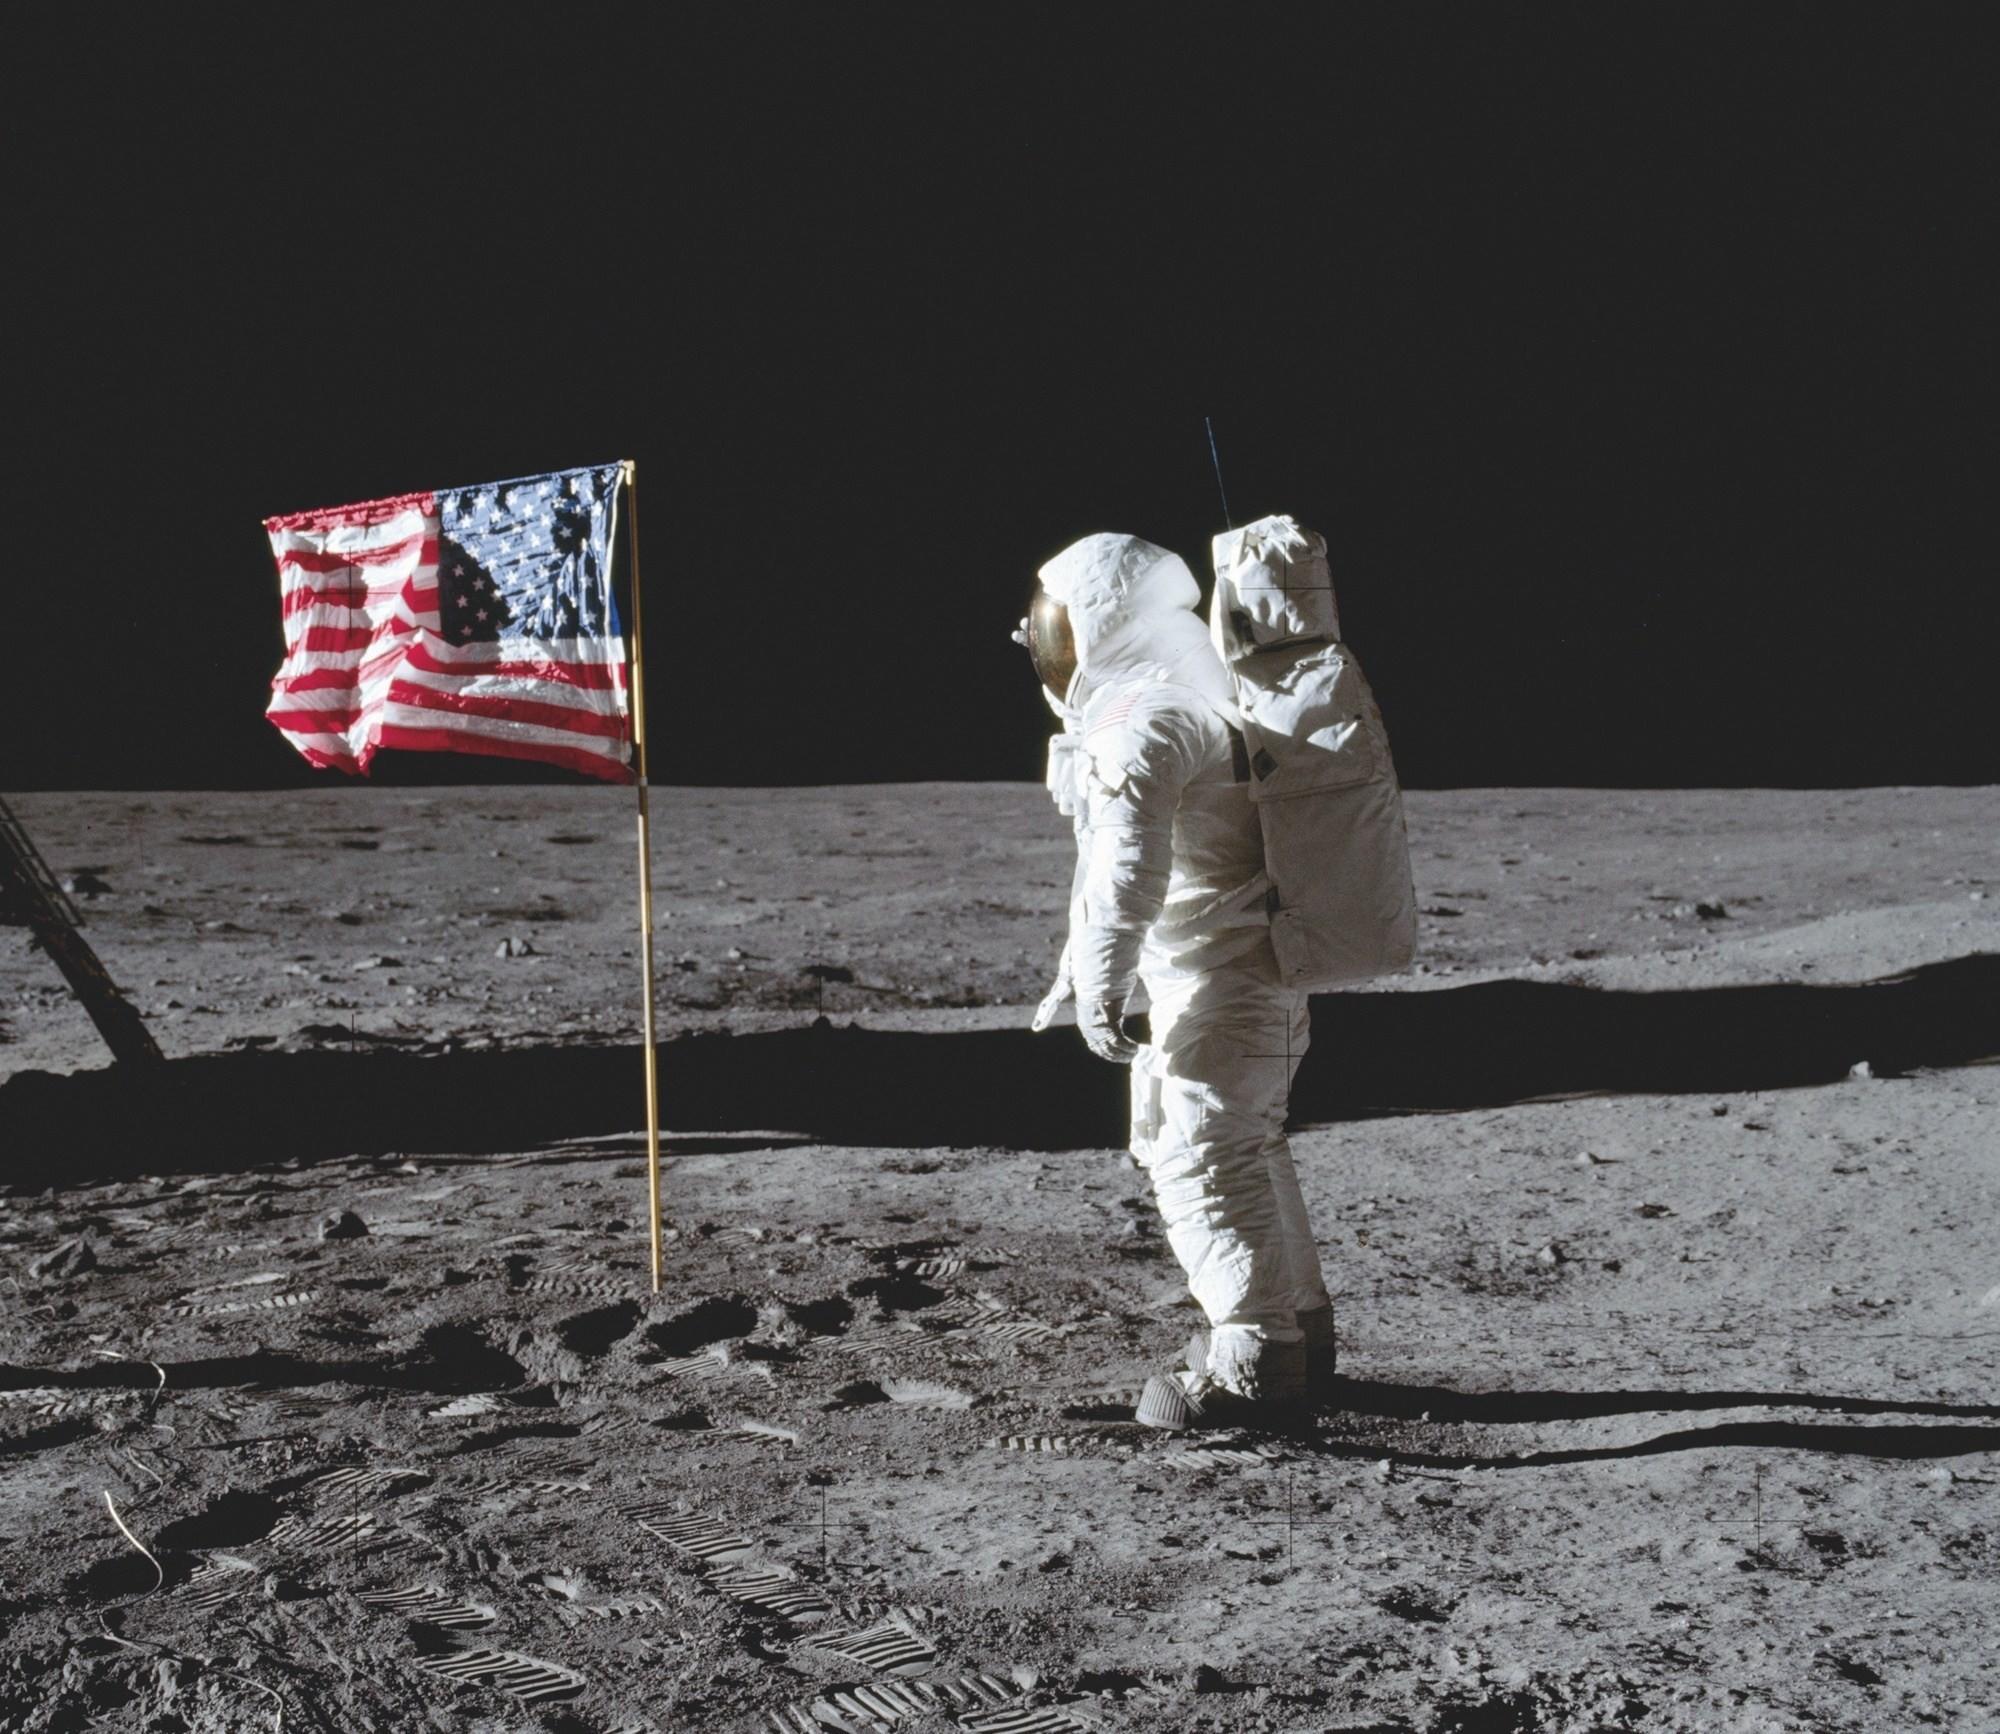 Le 21 juillet 1969 : les Américains sur la lune